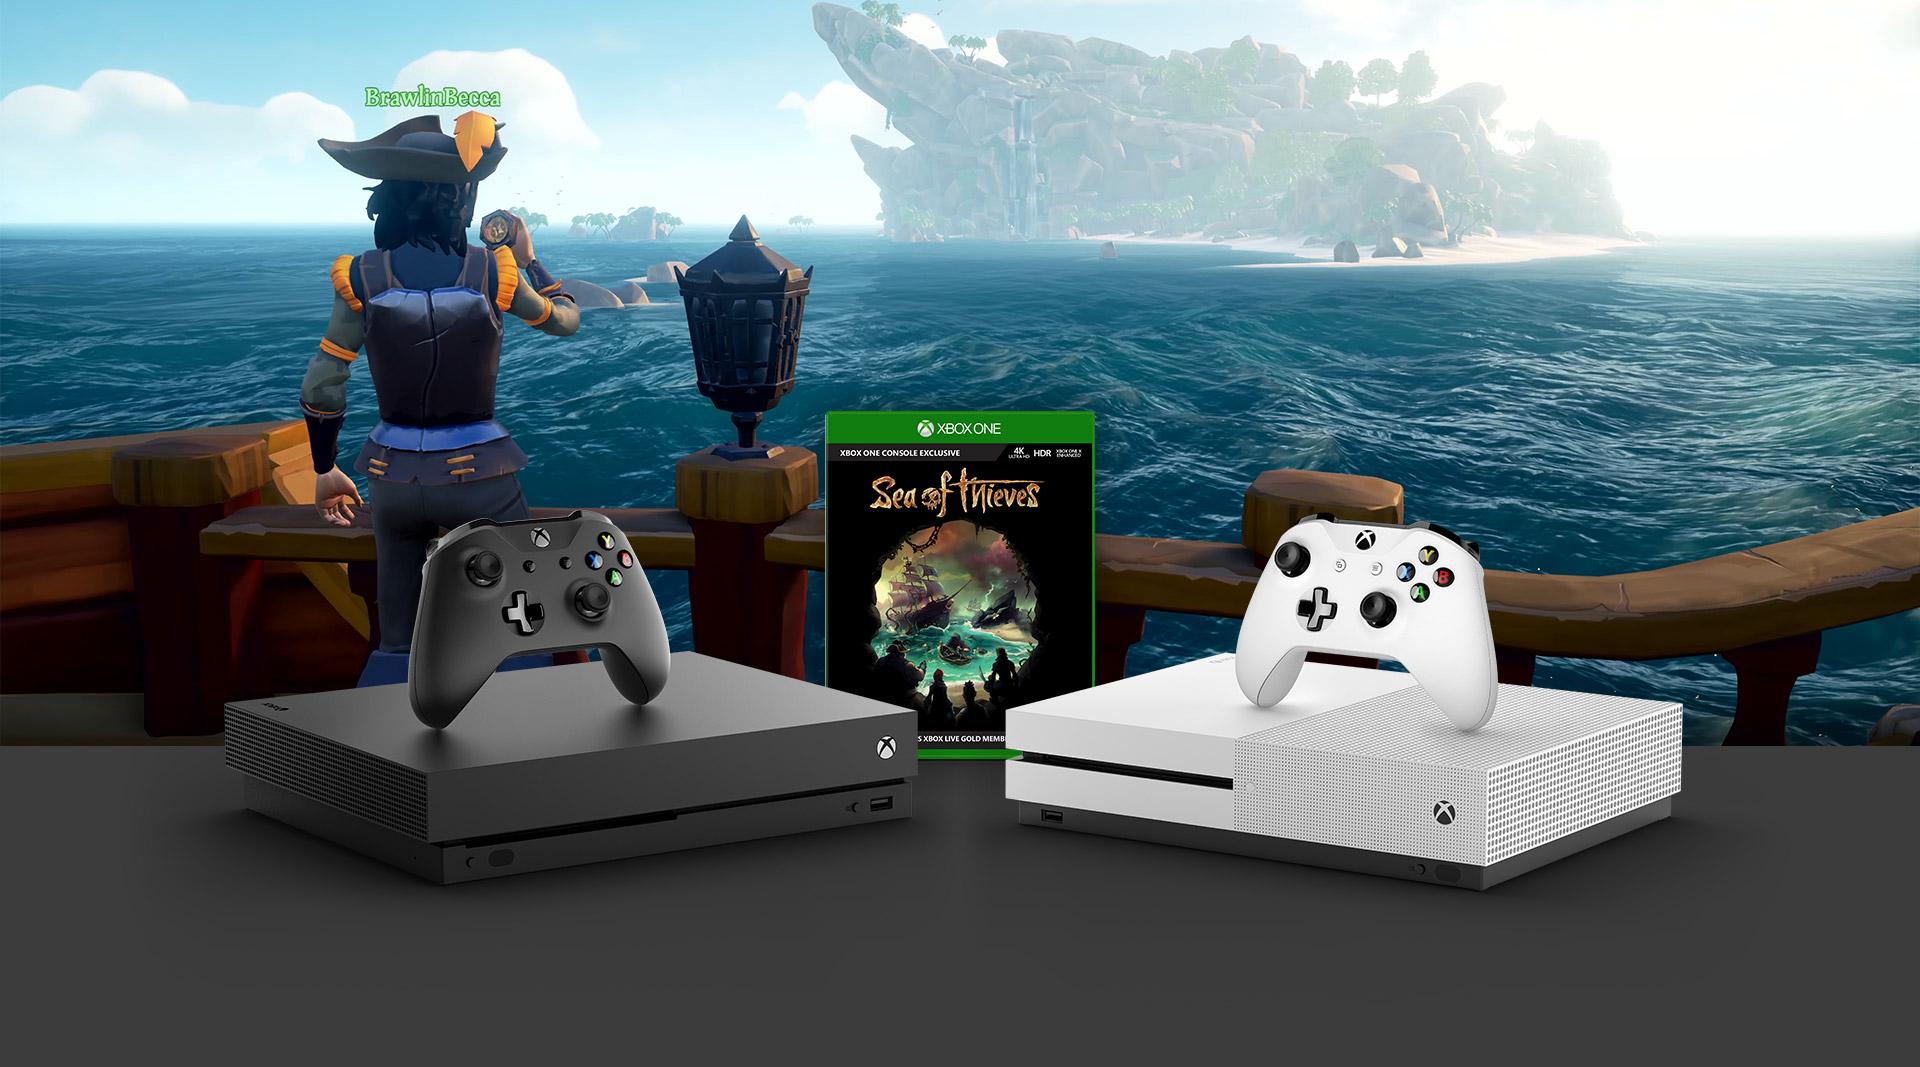 En pirat på ett skepp som tittar mot en ö med en Xbox One X-konsol i förgrunden